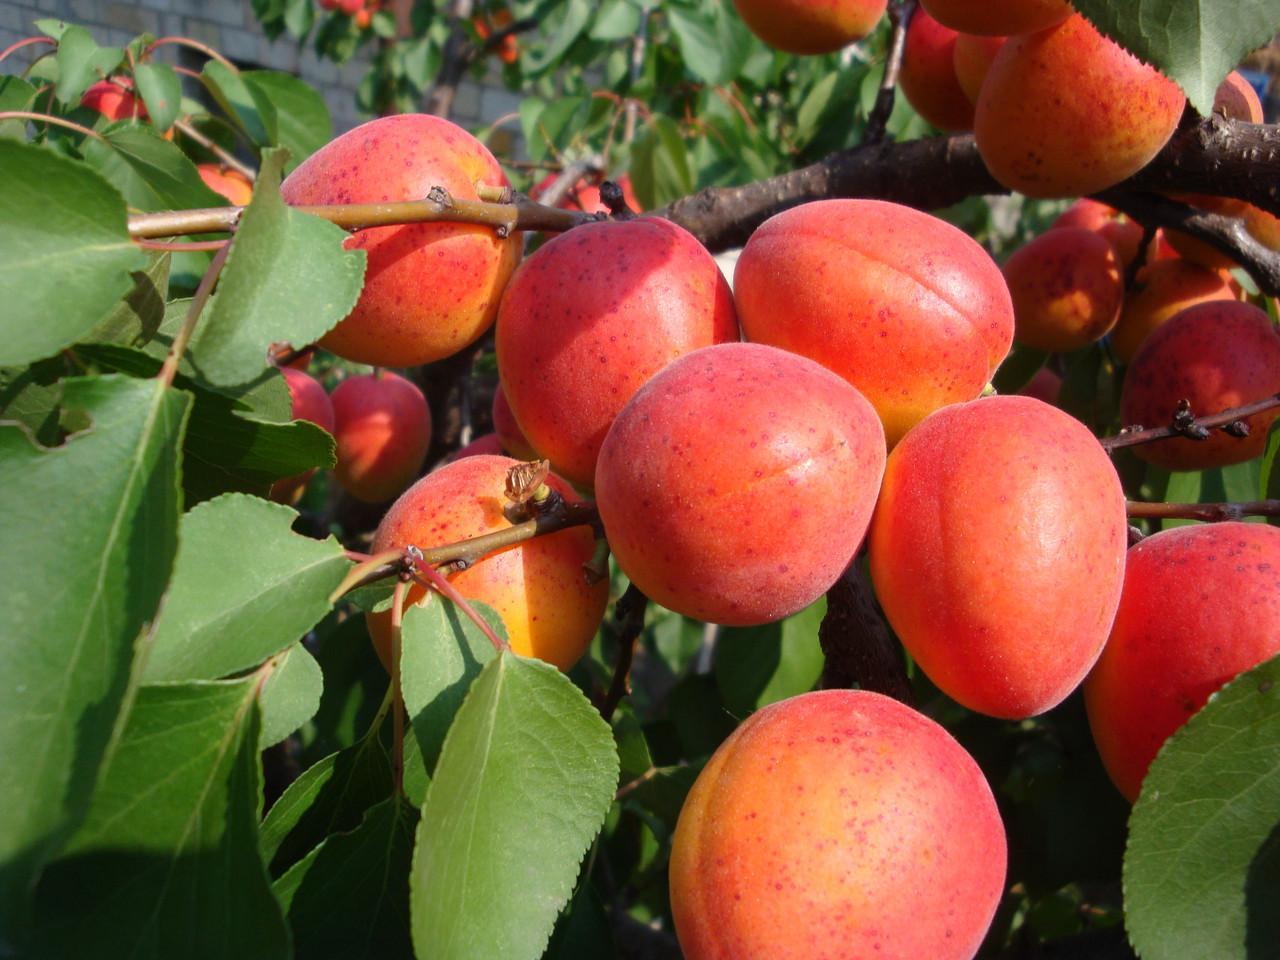 Абрикос саратовский рубин: описание сорта, отзывы, фото дерева